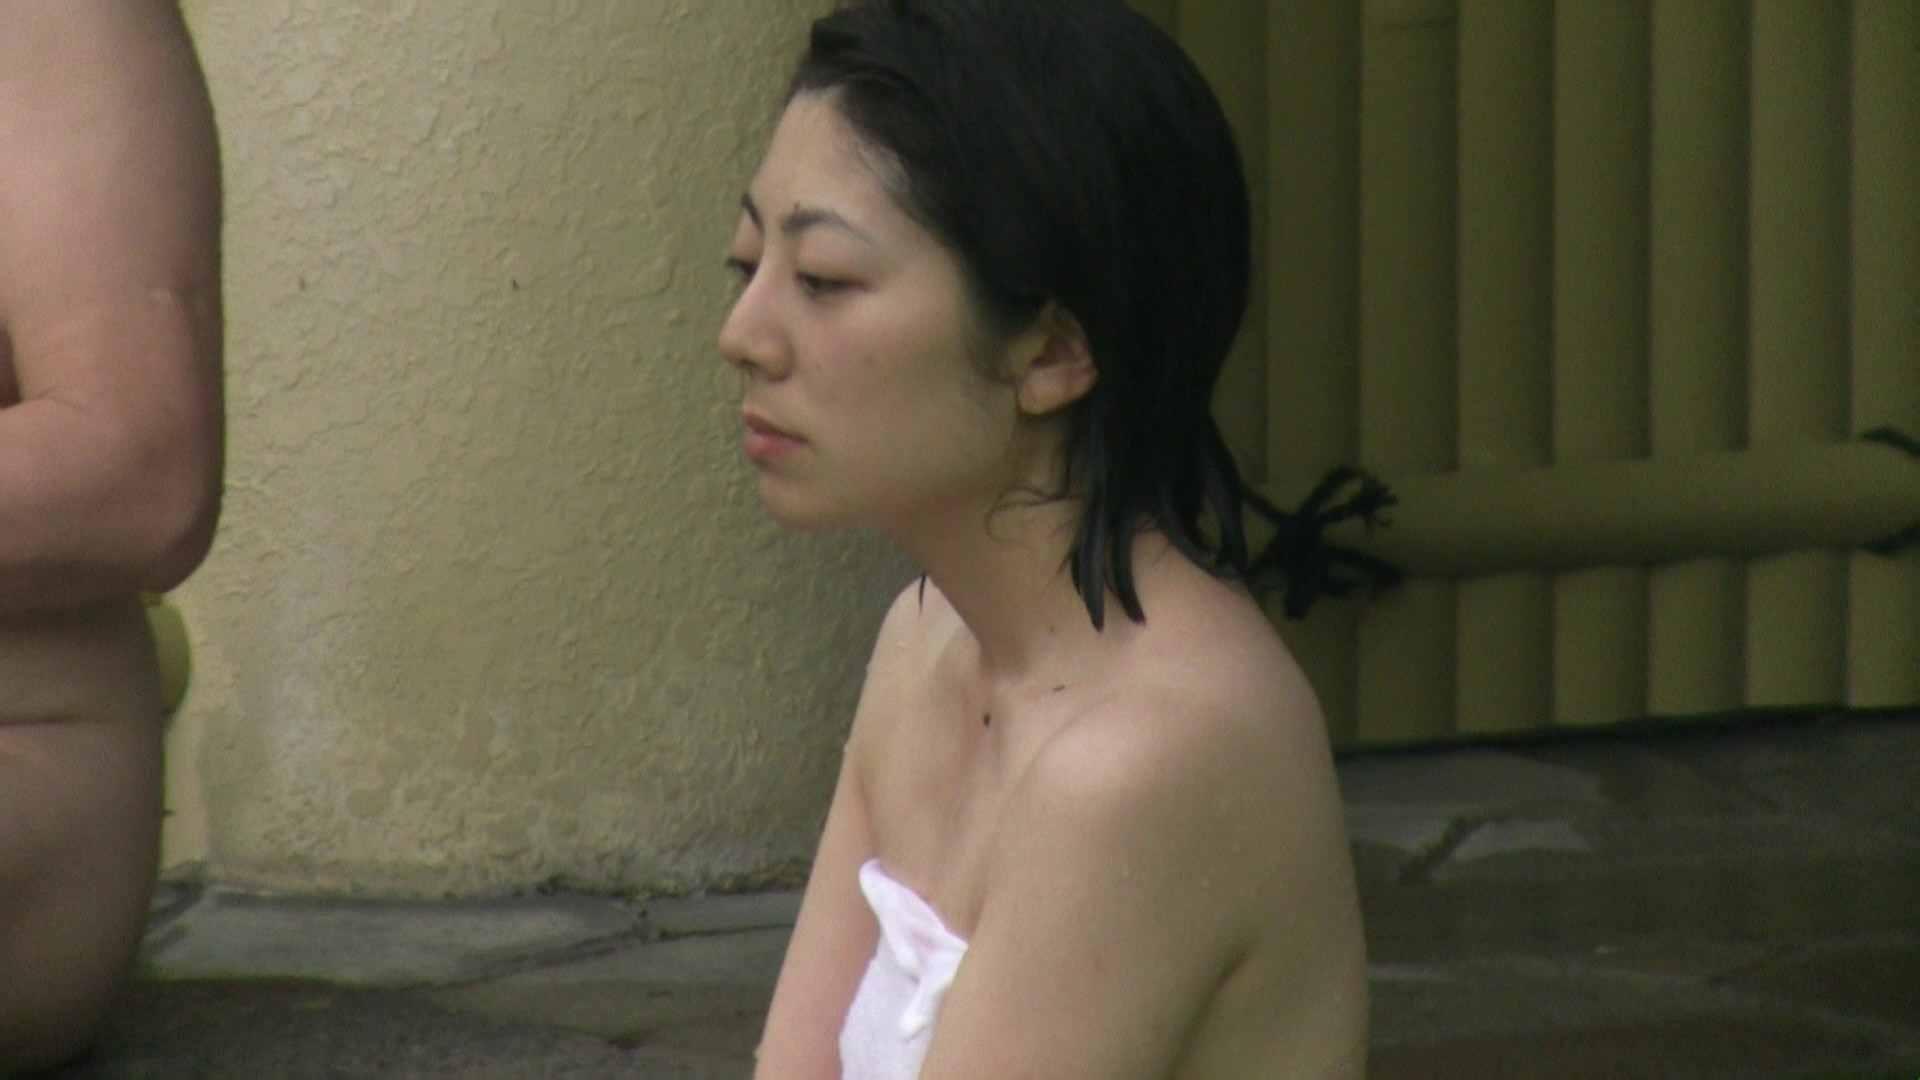 Aquaな露天風呂Vol.04 エッチな盗撮 おまんこ動画流出 84pic 43